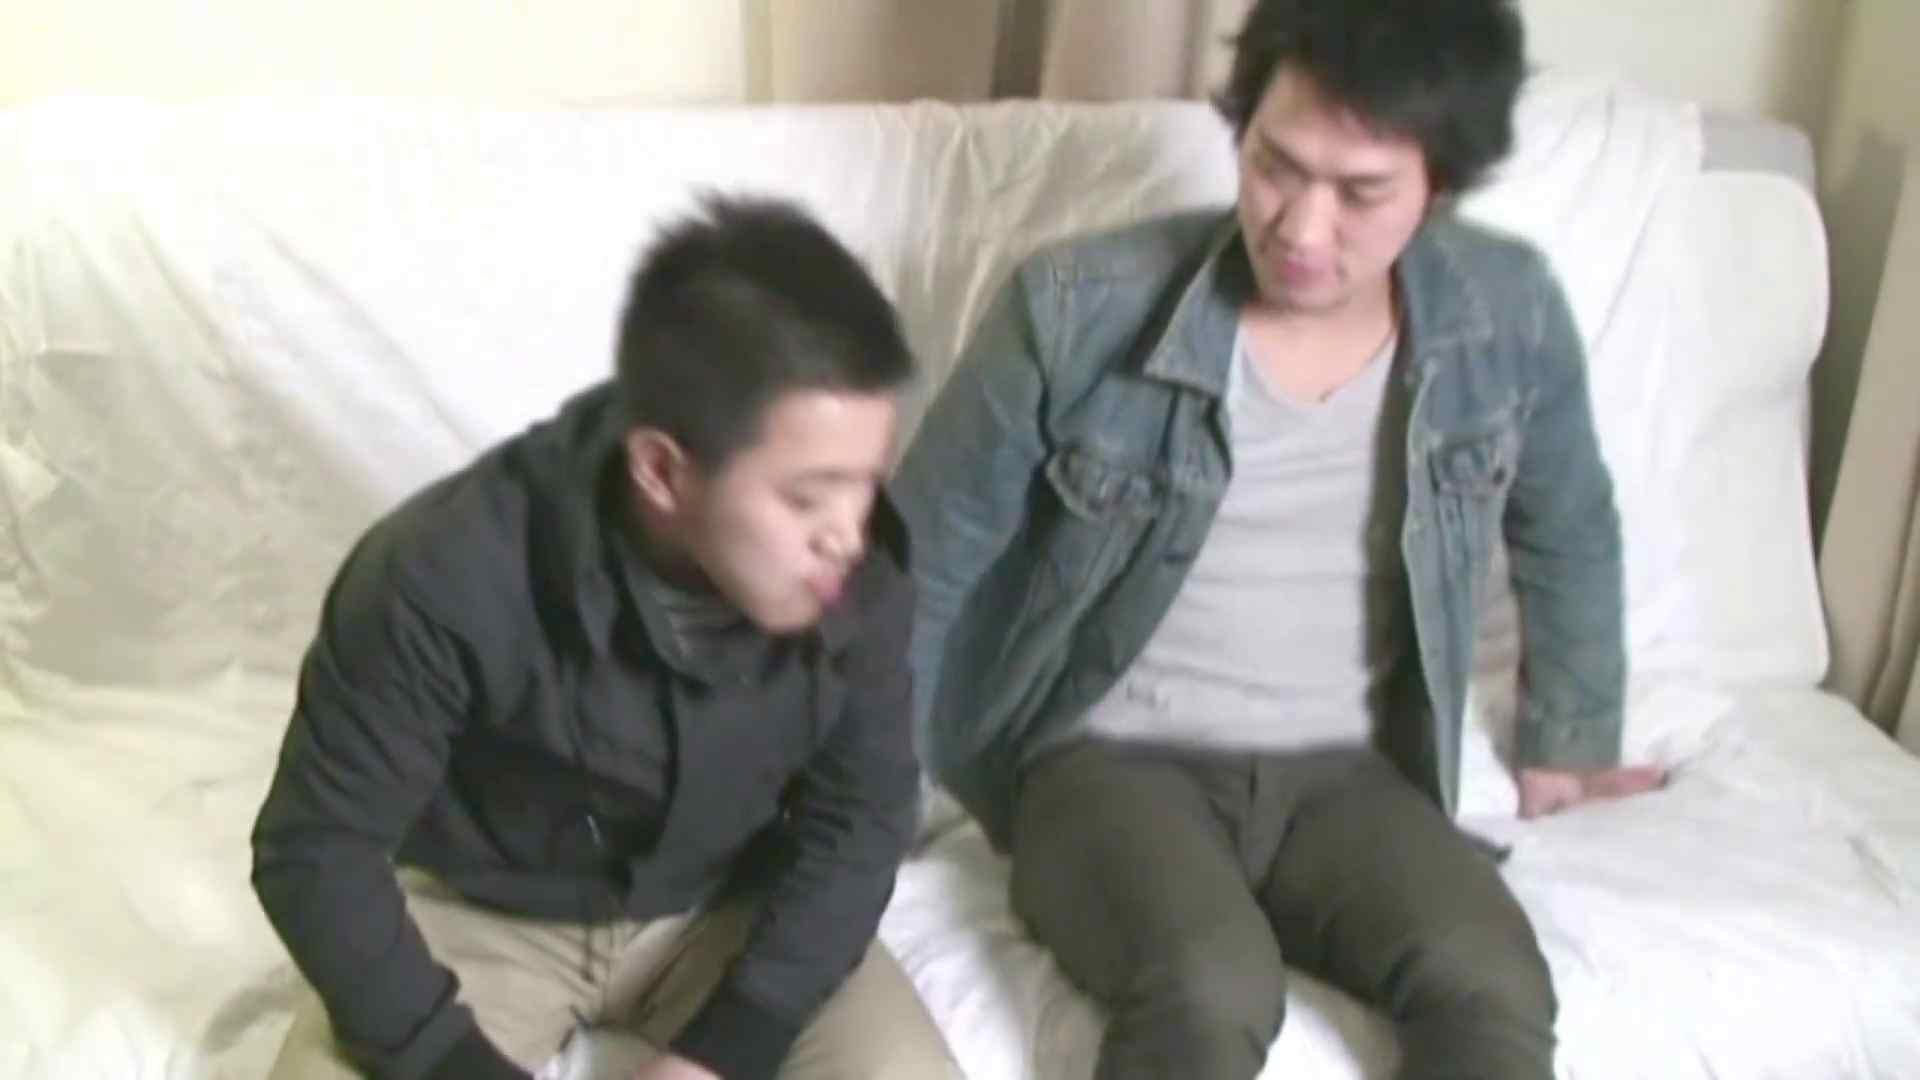 兄弟のように愛し合う Vol.01 エロ動画 ゲイセックス画像 77枚 26